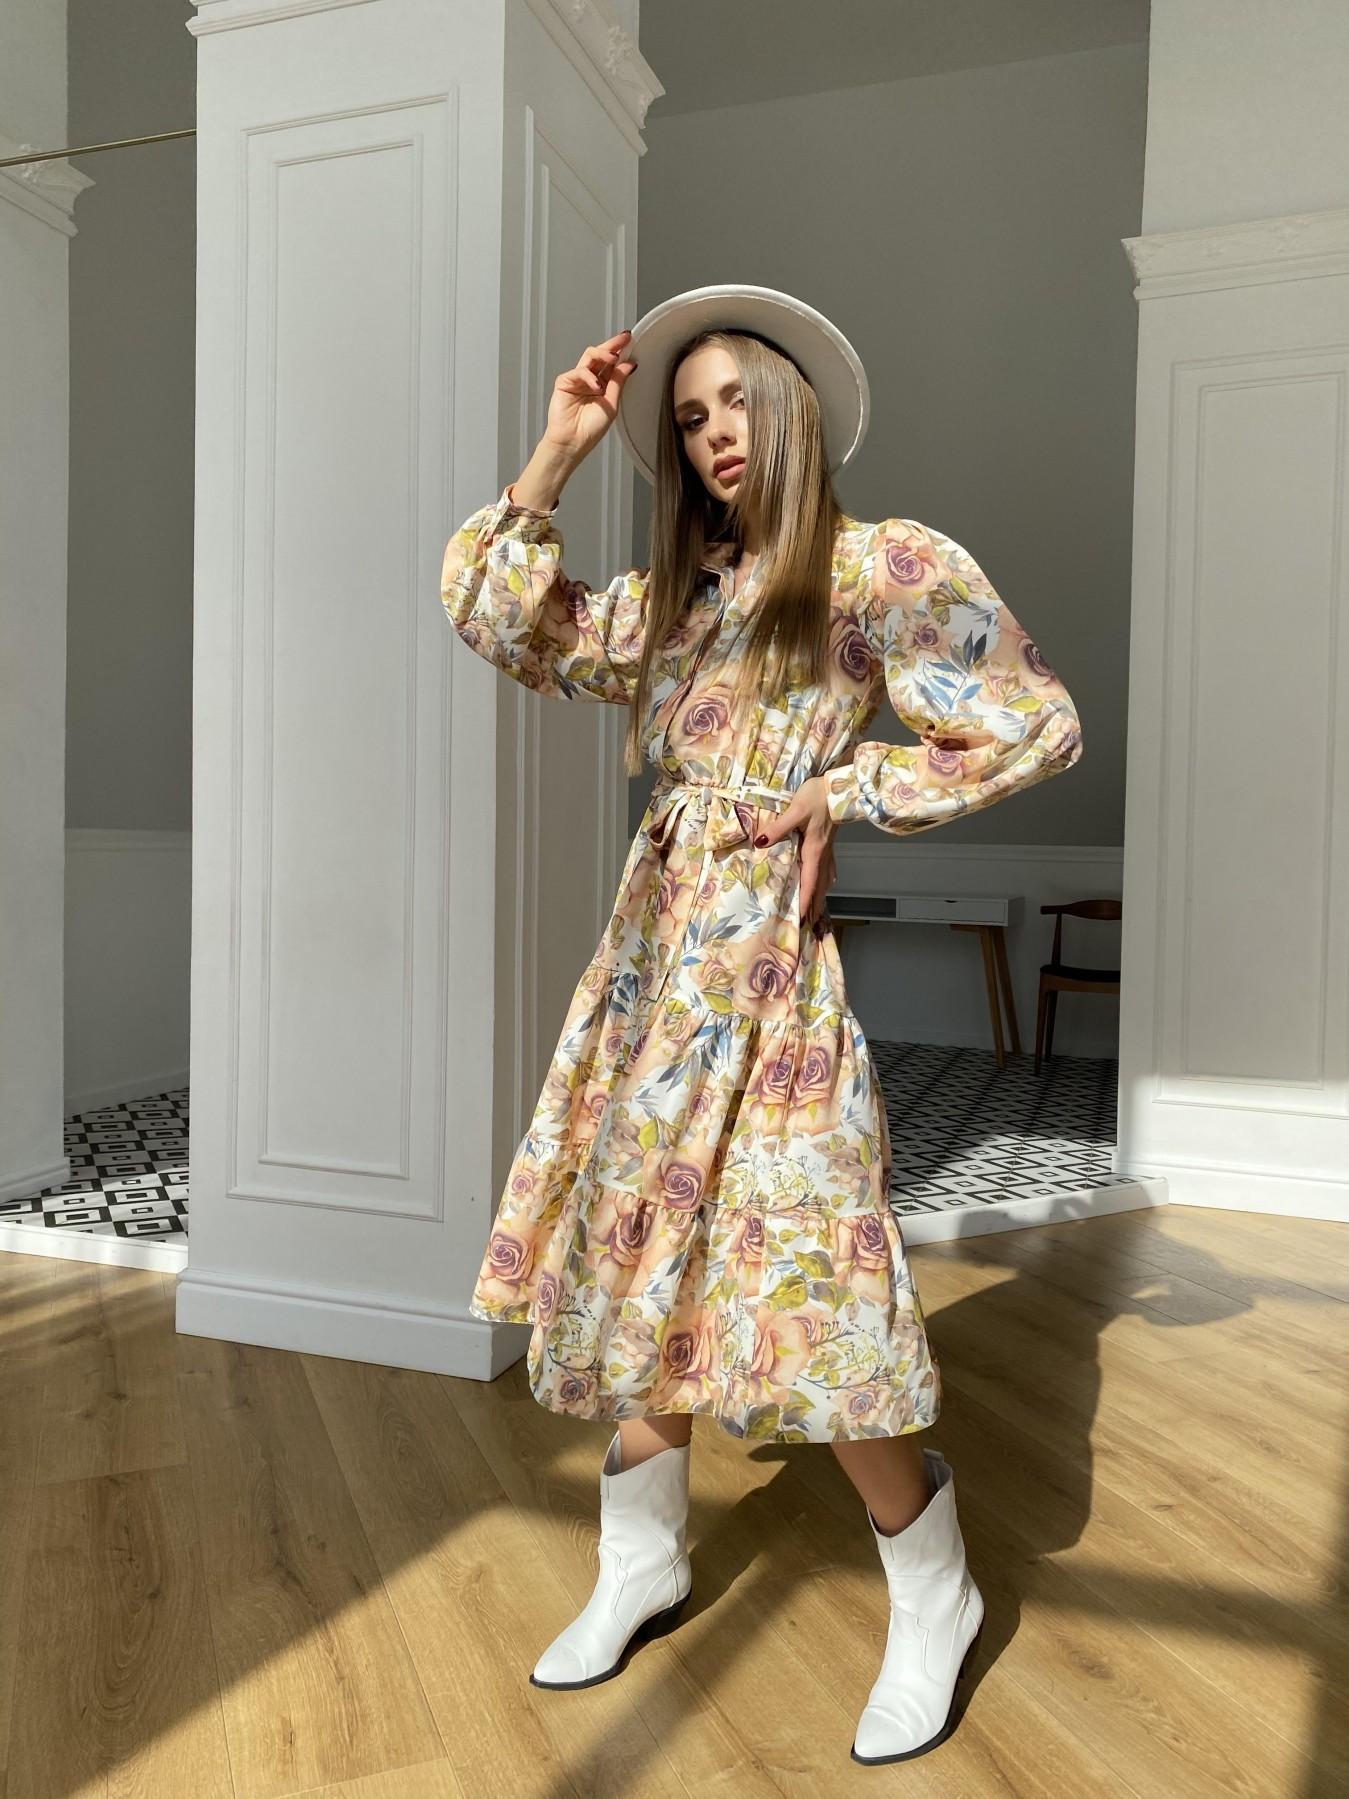 Лилия платье  софт принт бистрейч 11171 АРТ. 47666 Цвет: КрупРозаМолок/Персик - фото 4, интернет магазин tm-modus.ru